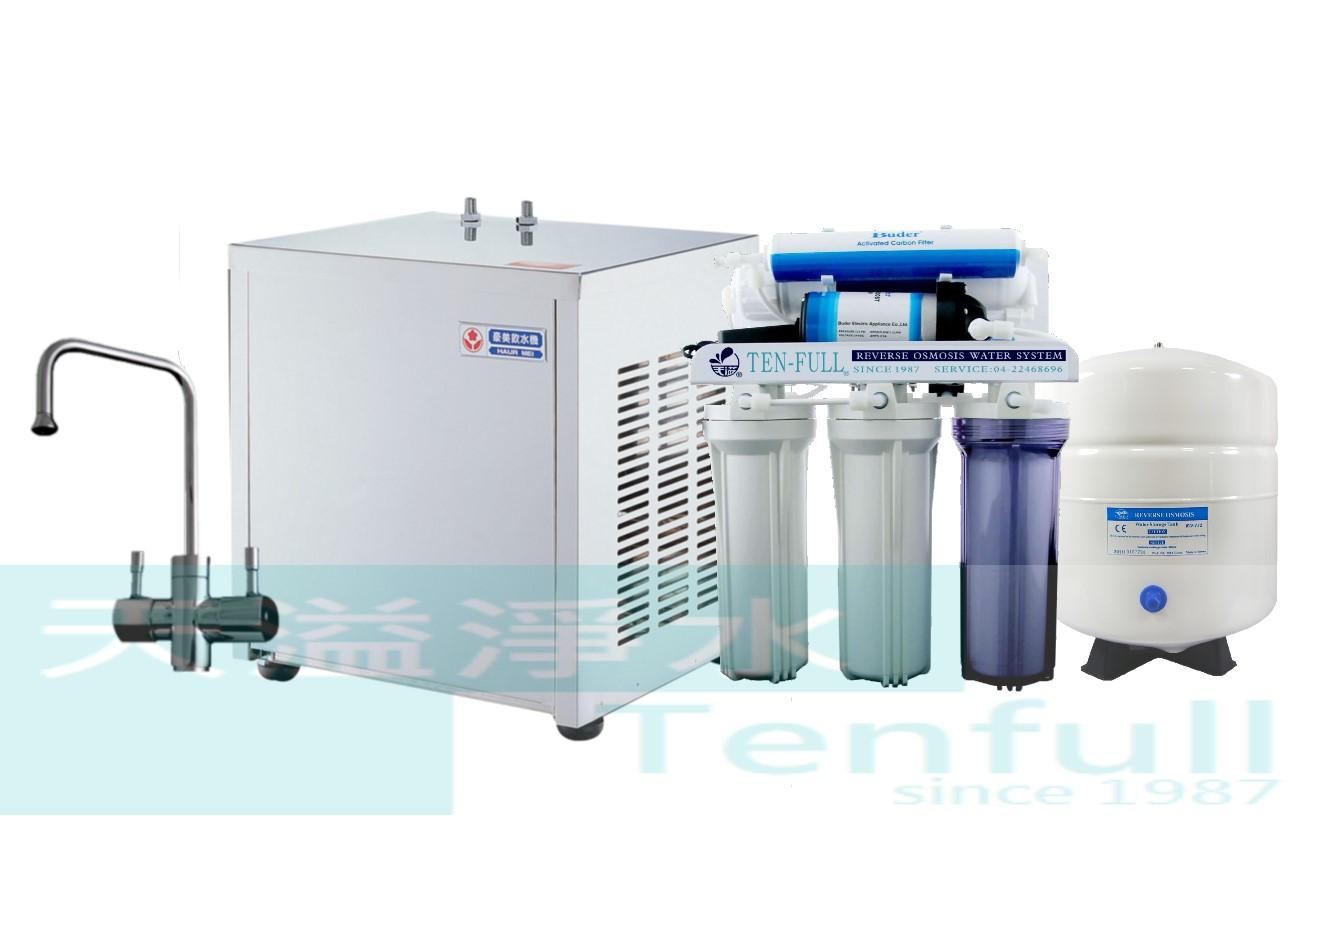 《豪星HaoHsing》HM-588儲下型冰熱飲水機-氣冷式(附美式十字鵝頸)【搭配TF104 標準型RO逆滲透】